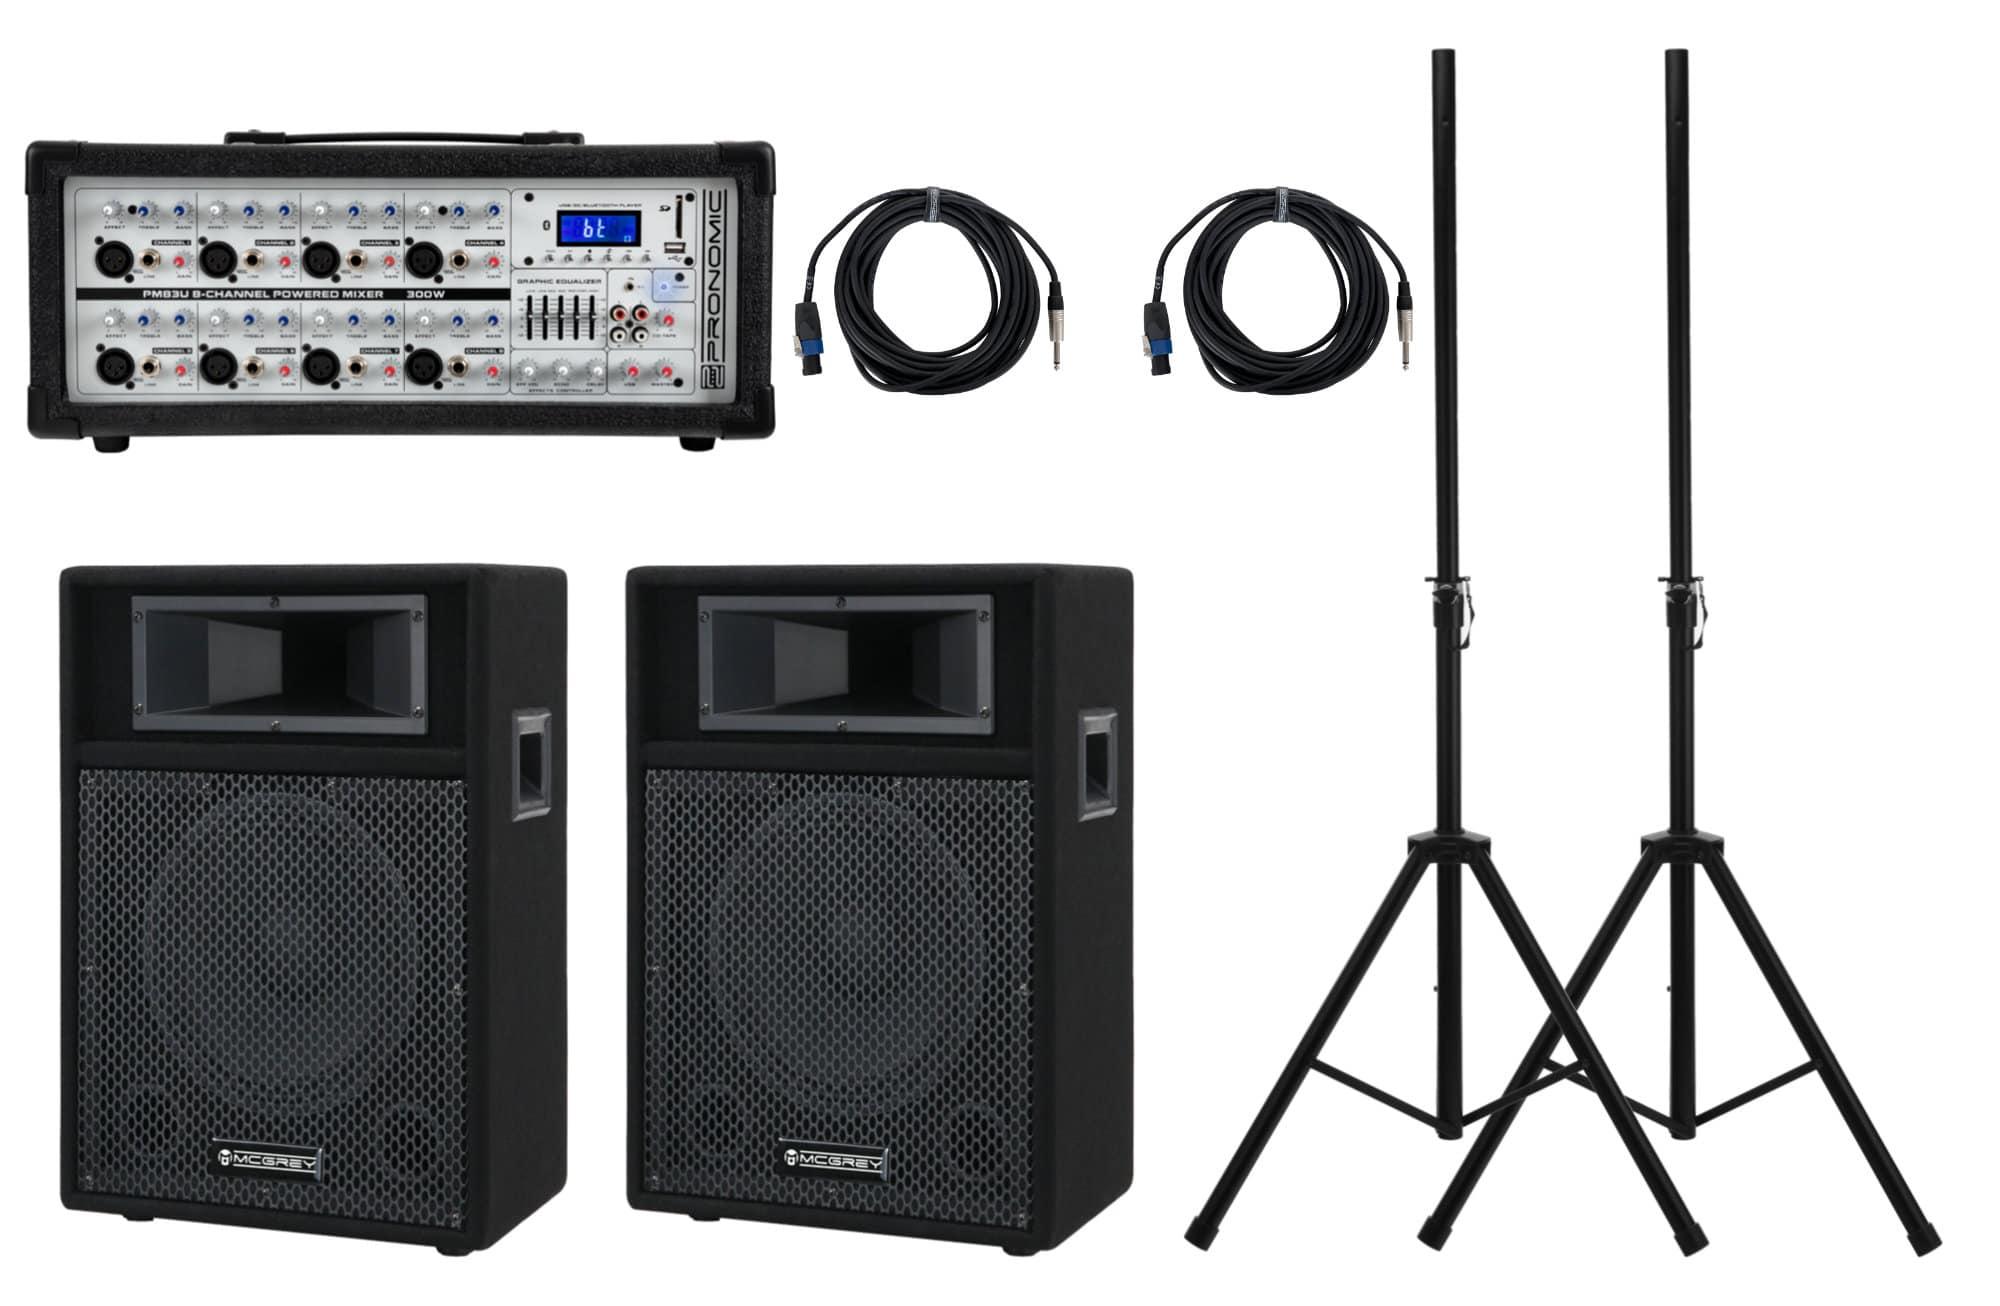 Boxenkomplettanlagen - Pronomic StagePower PM83 110 PA Set - Onlineshop Musikhaus Kirstein